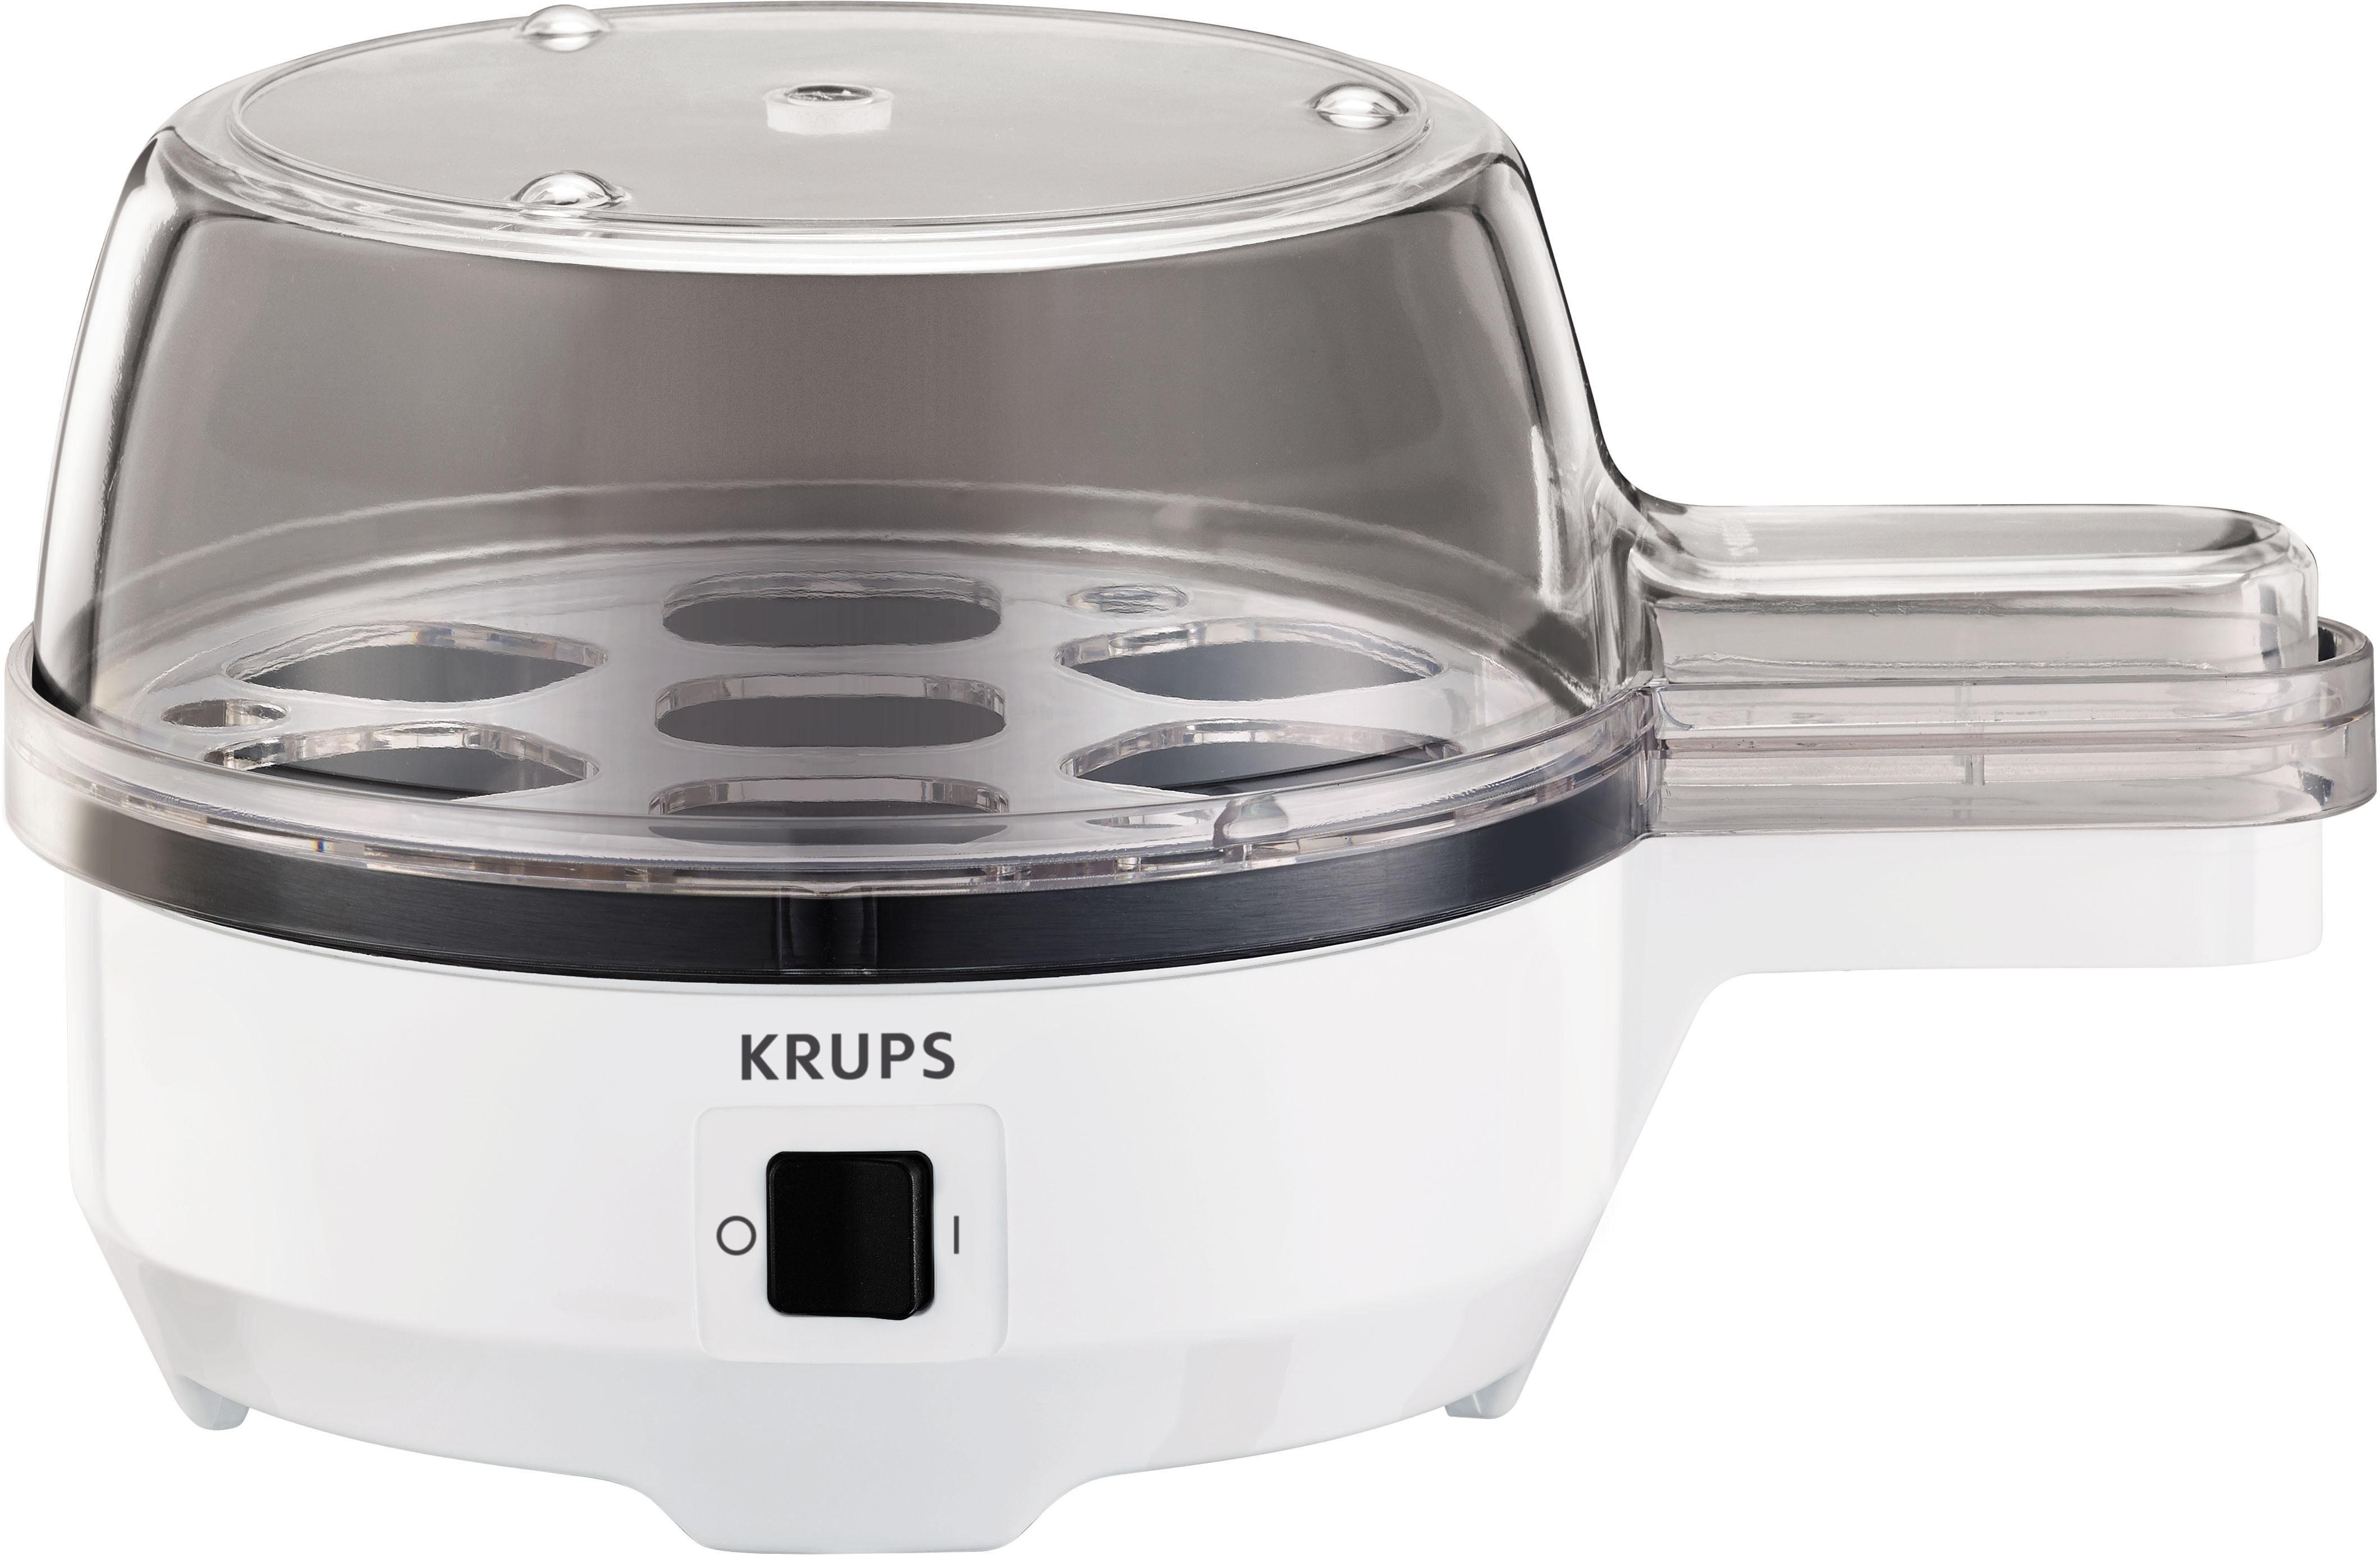 Krups Eierkocher Ovomat Spezial F23370, 350 Watt, weiß